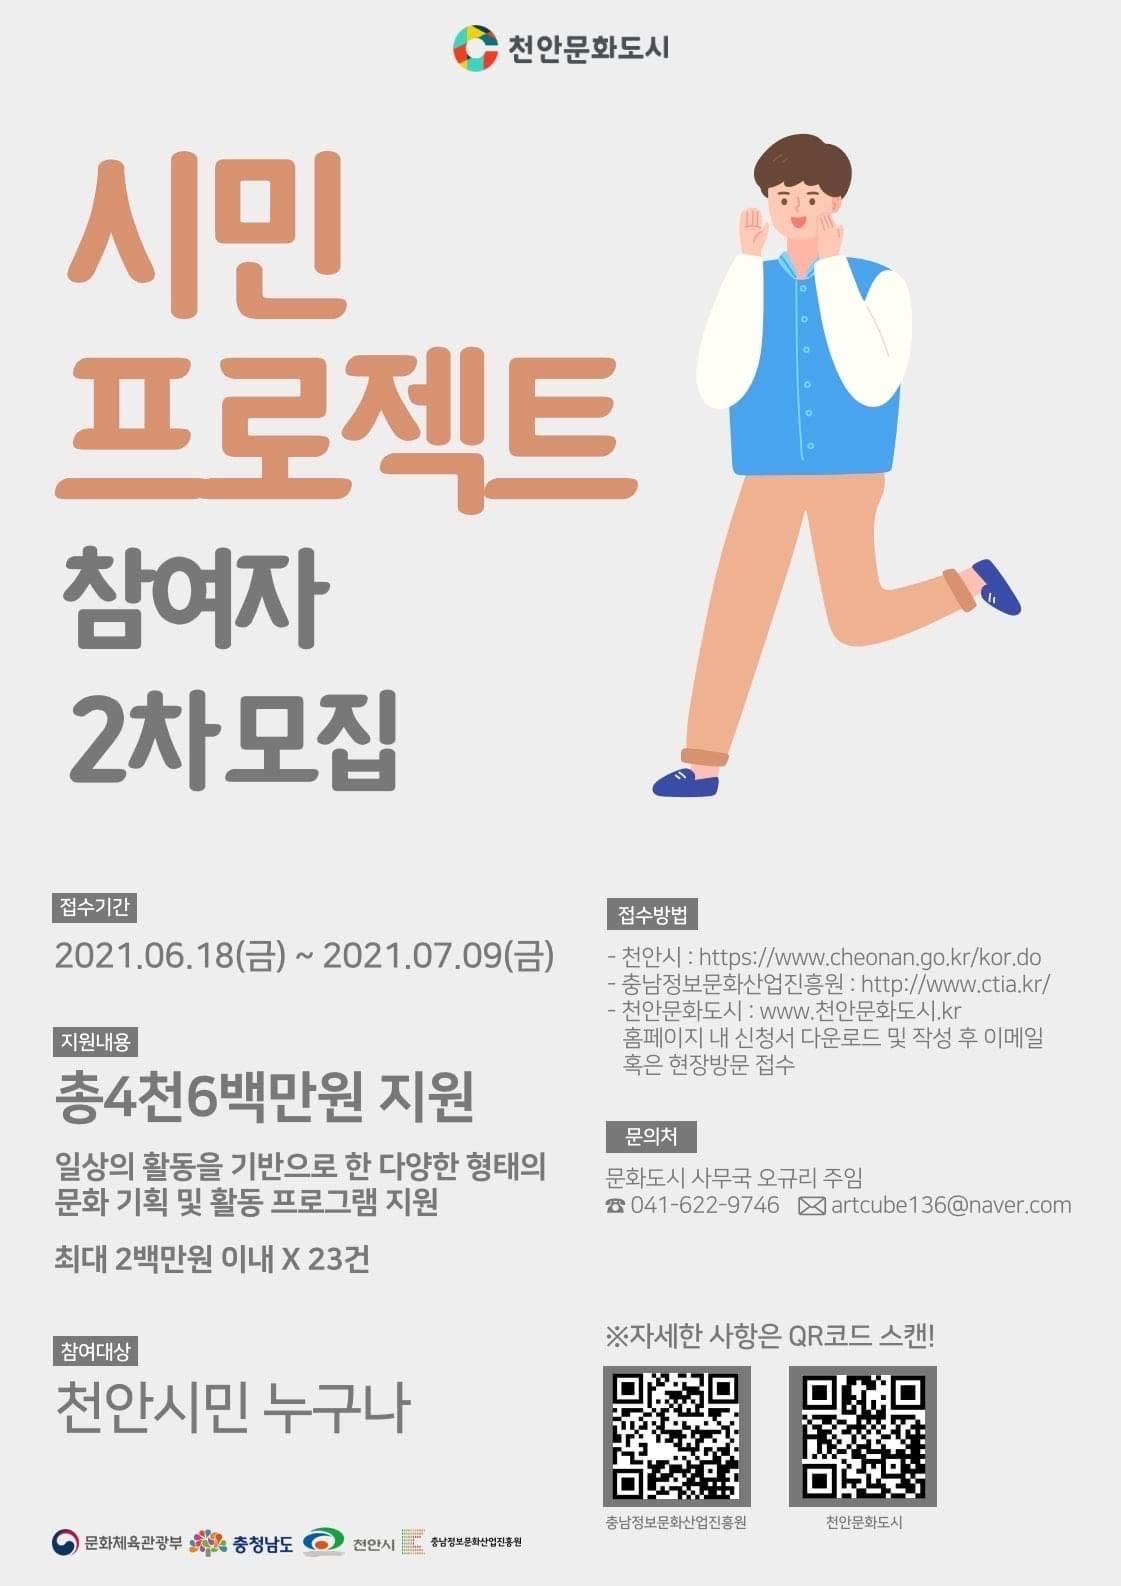 (재)충남정보문화산업진흥원 천안문화도시사무국 공모사업 참여자 모집